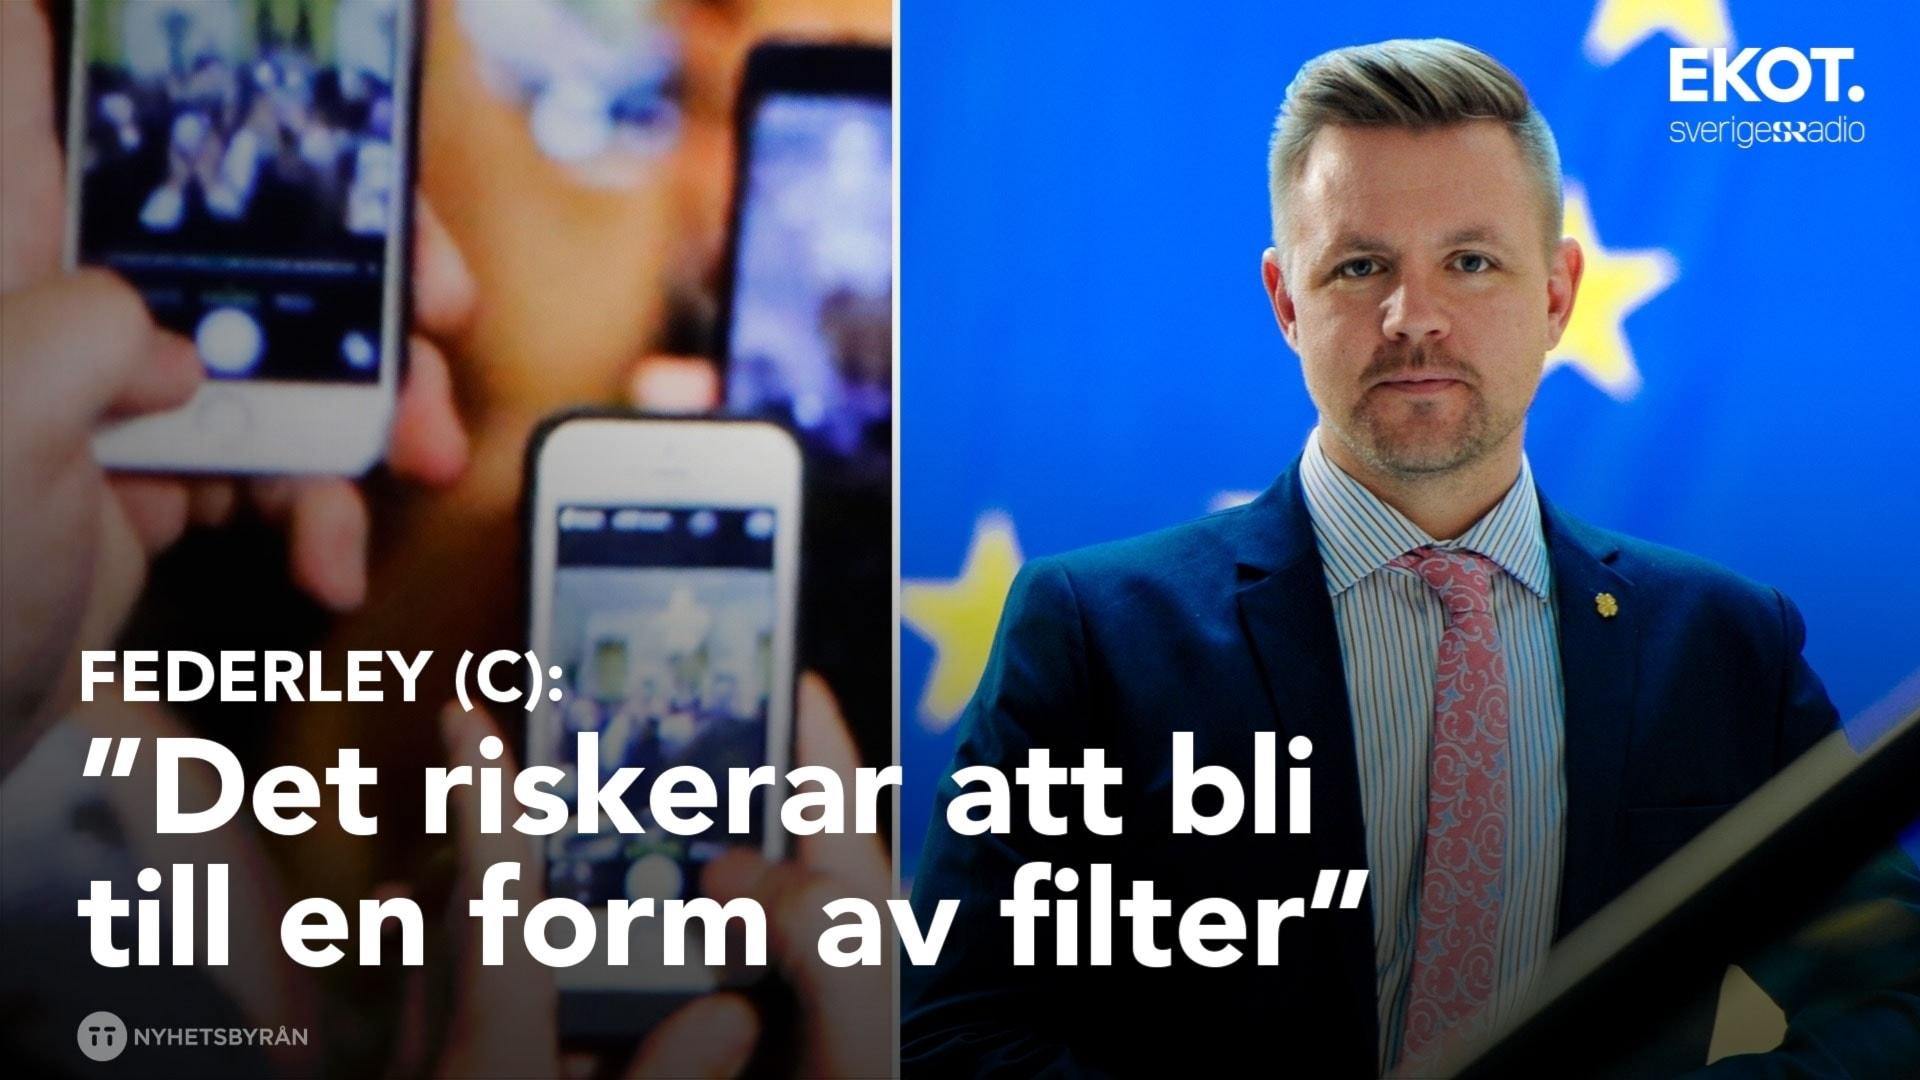 EU-lagar beskrivs som döden för internet-memes - Nyheter (Ekot)